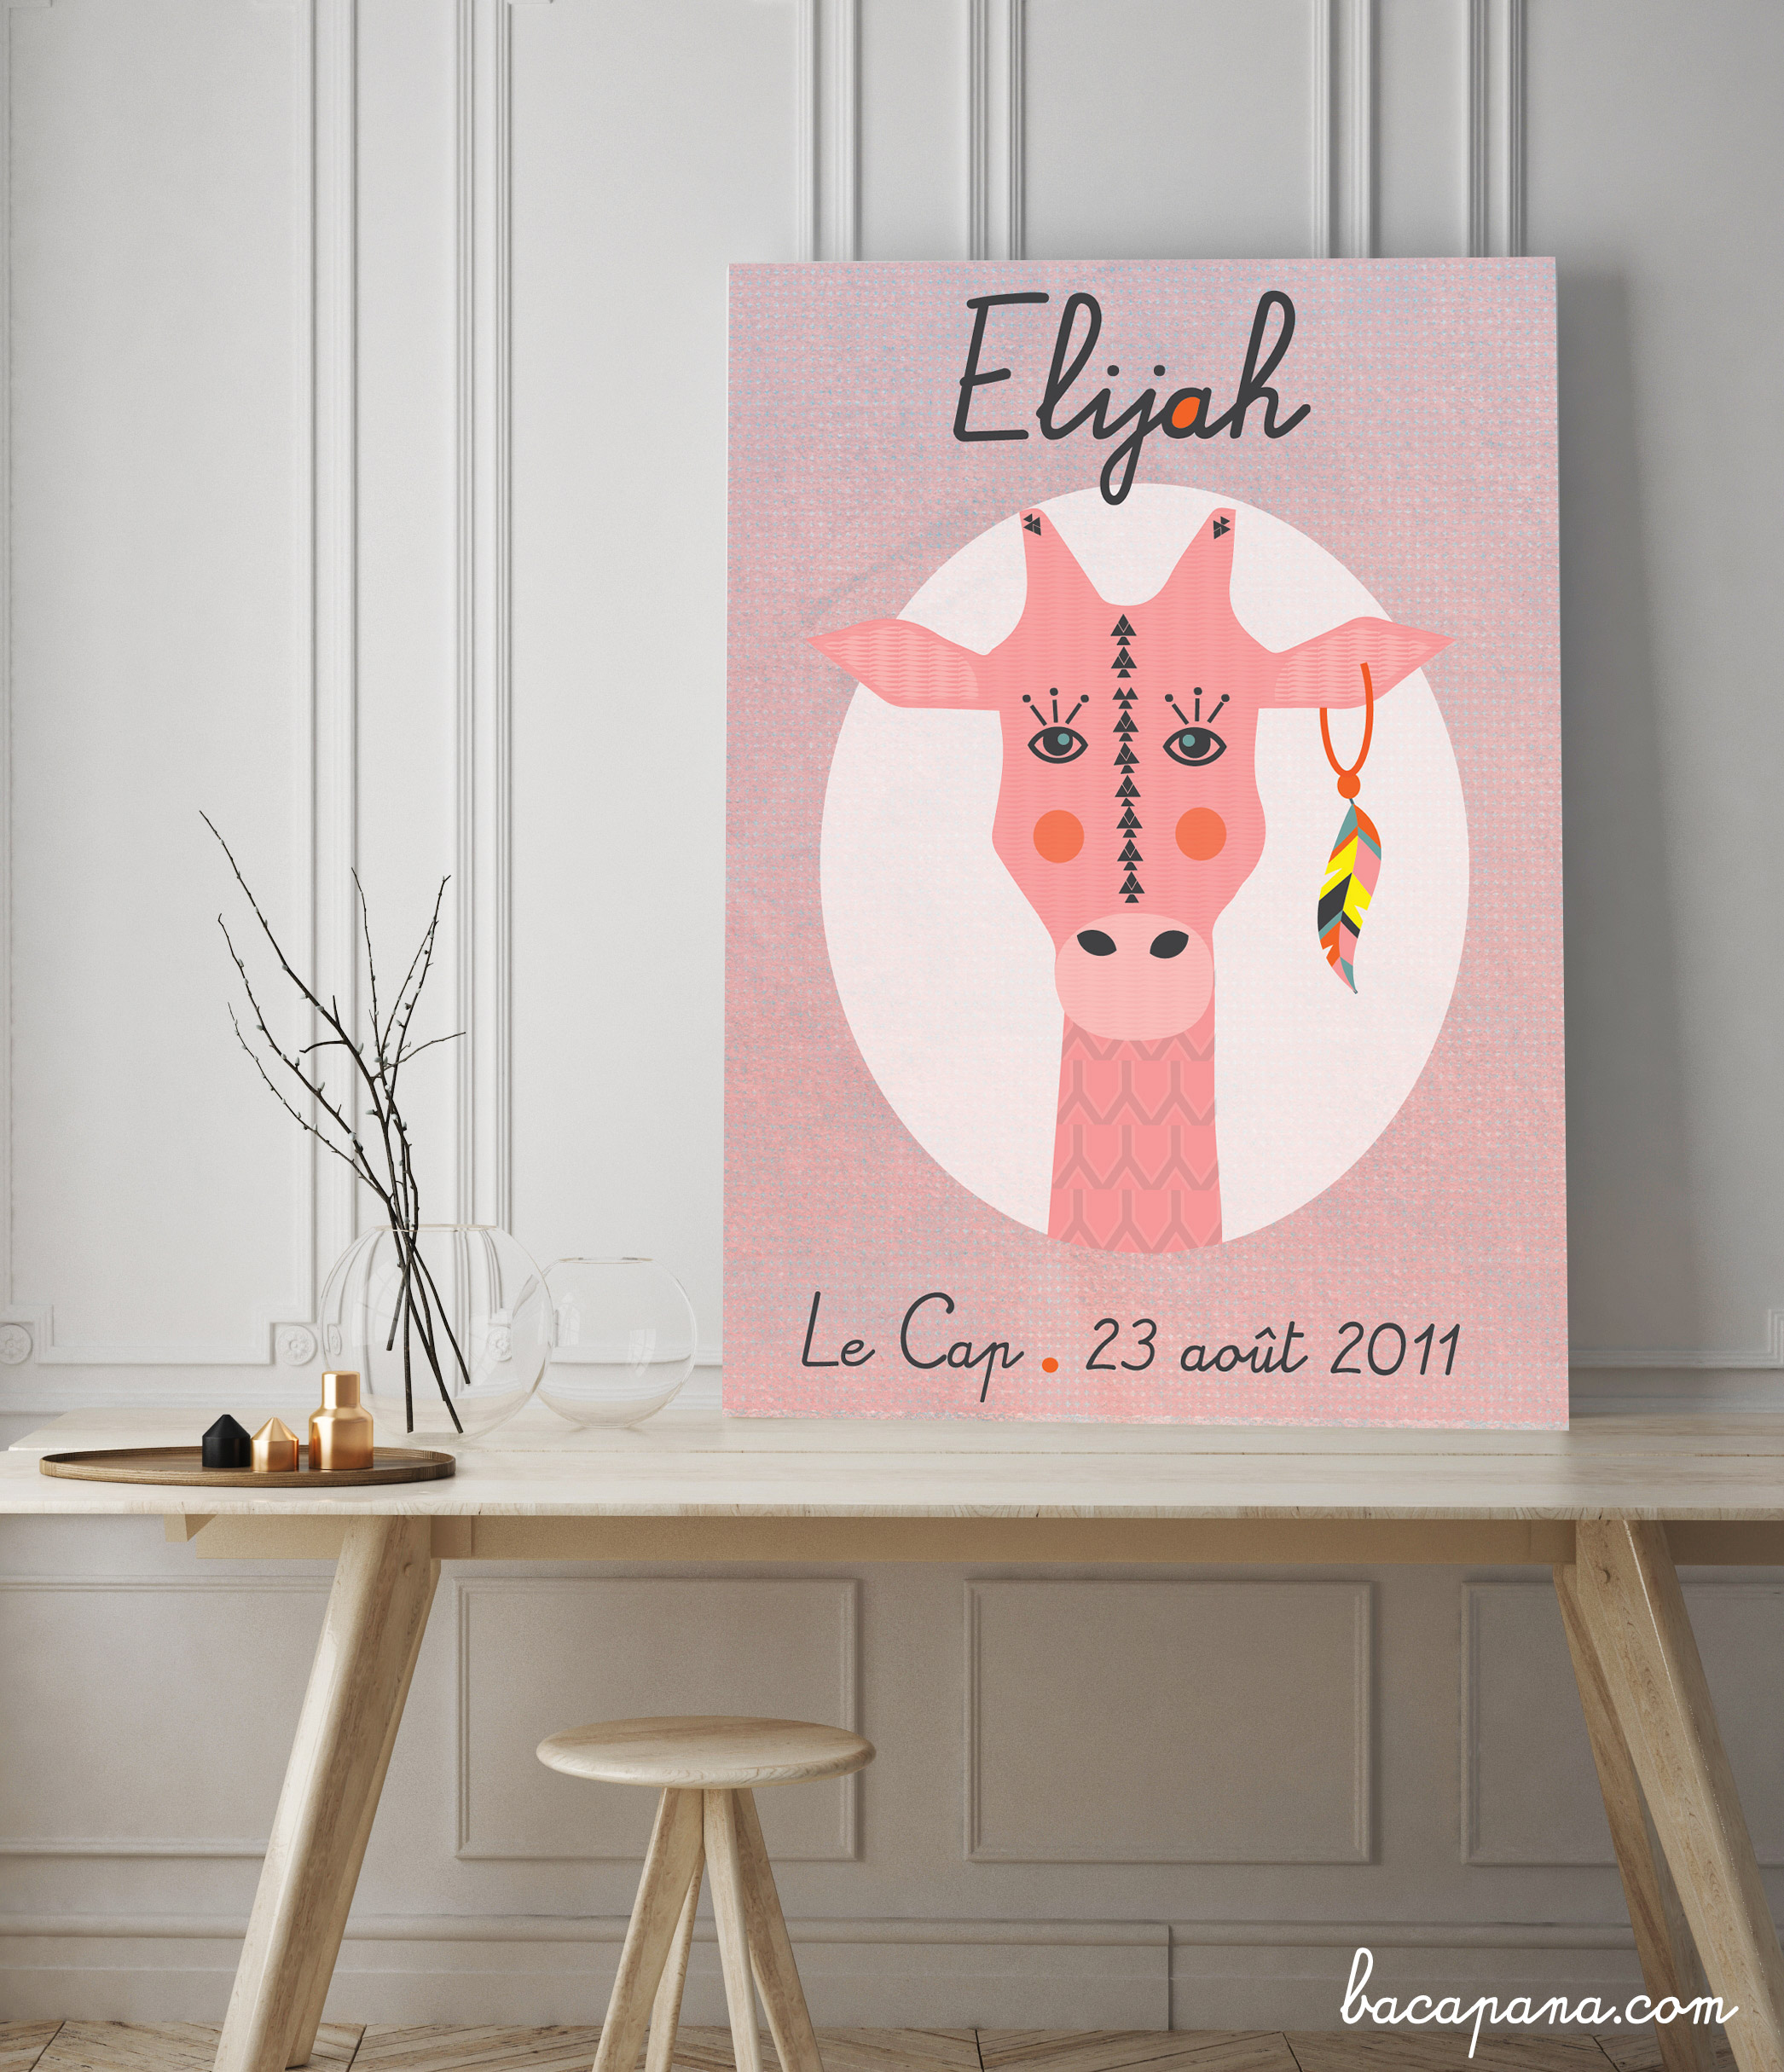 poster-cadre-elijah-afriquedusud-bacapana.jpg